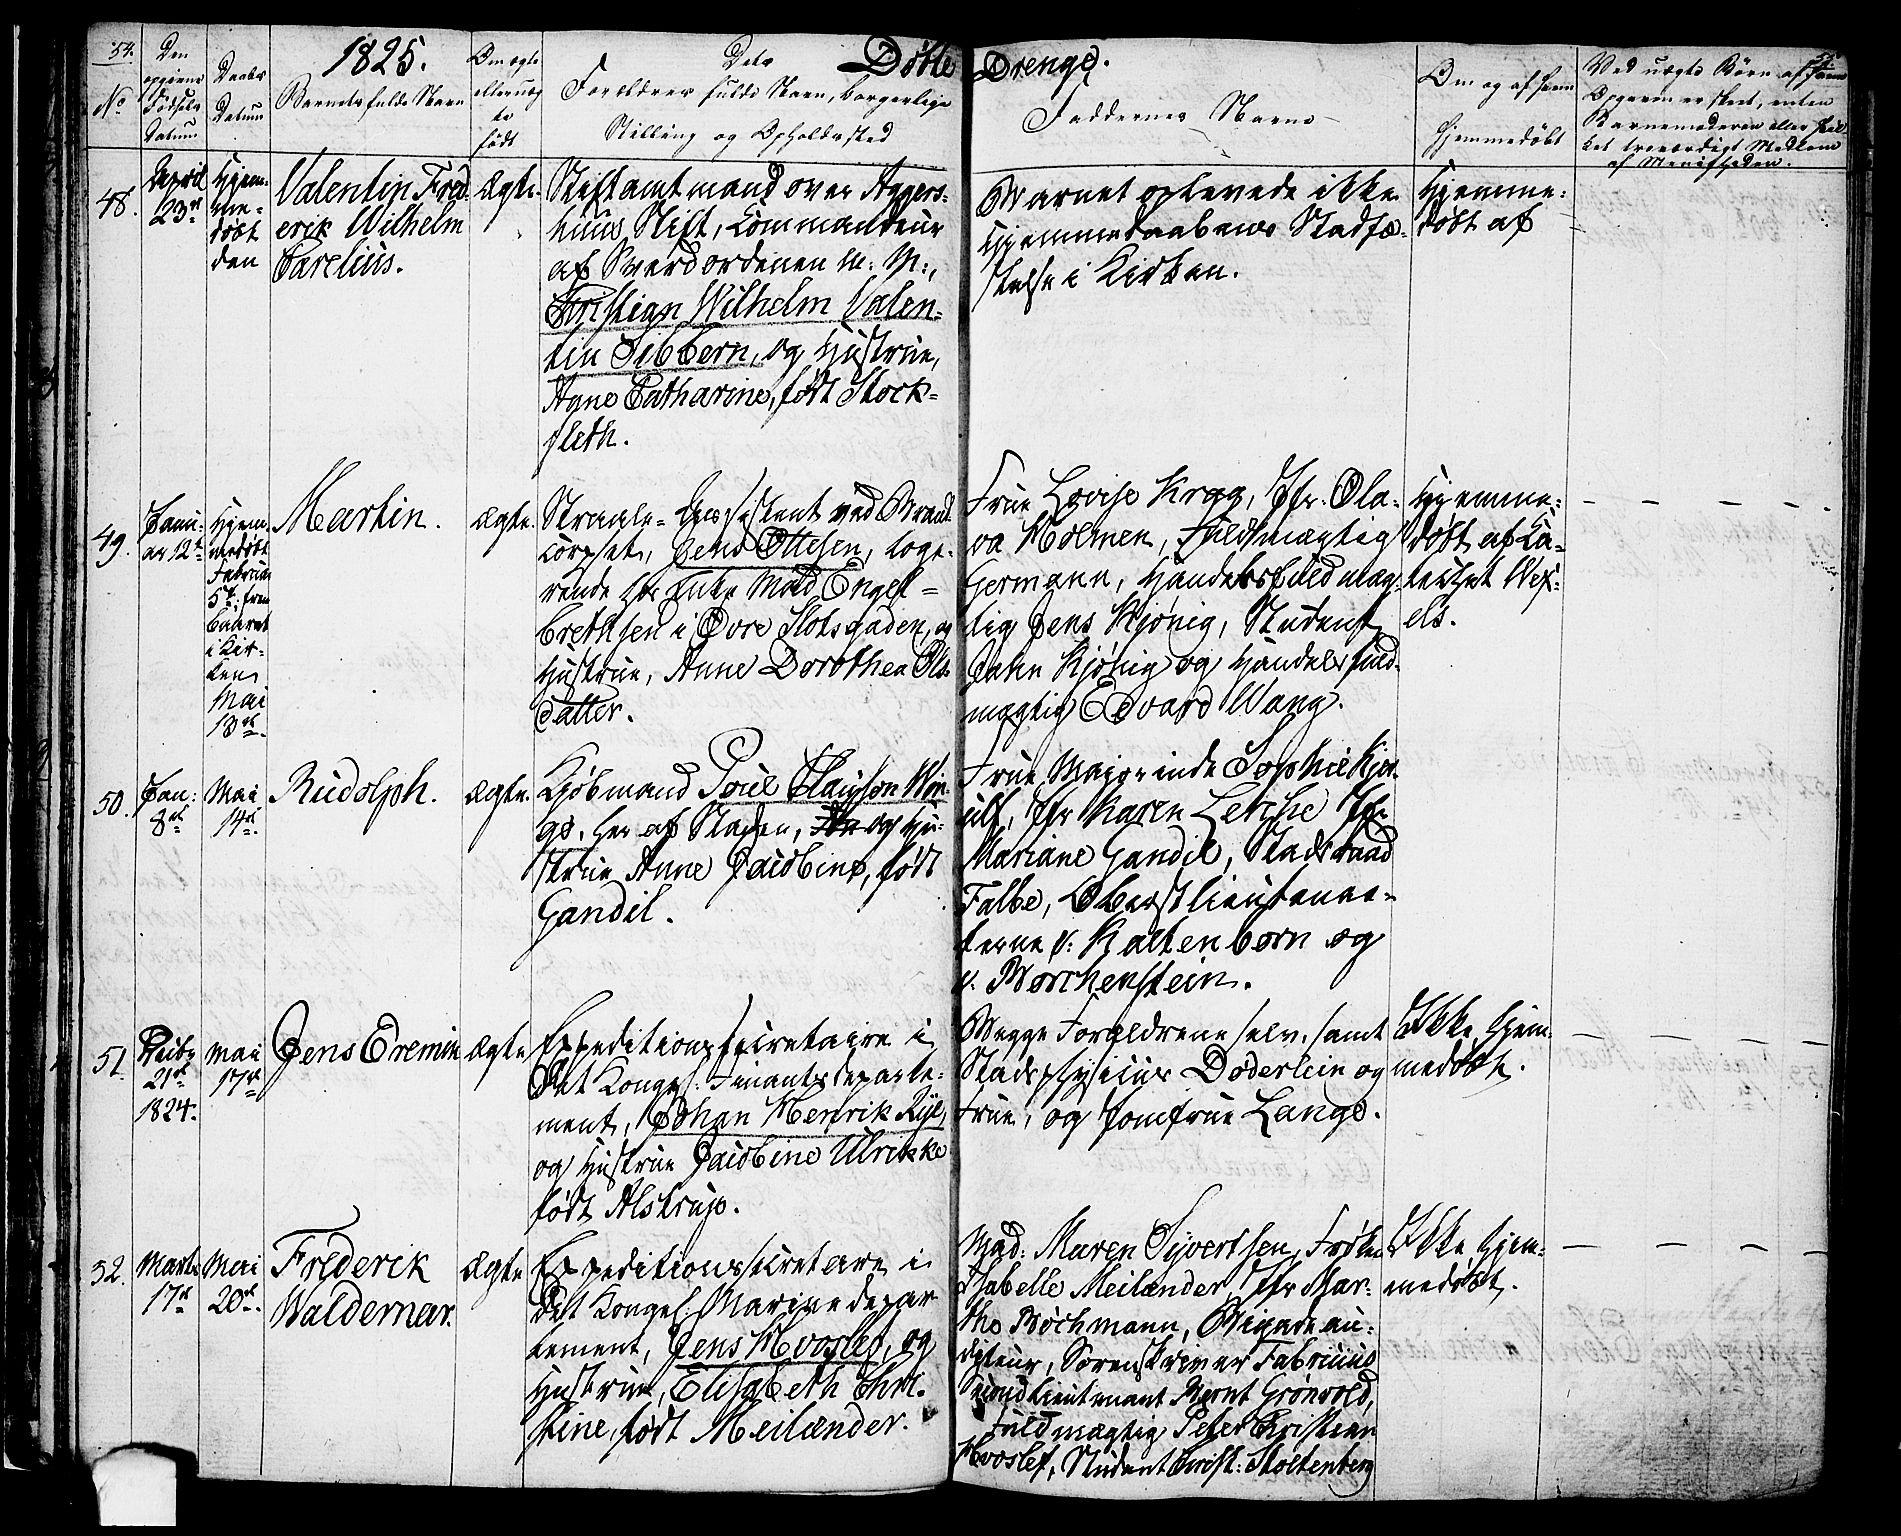 SAO, Oslo domkirke Kirkebøker, F/Fa/L0010: Ministerialbok nr. 10, 1824-1830, s. 54-55